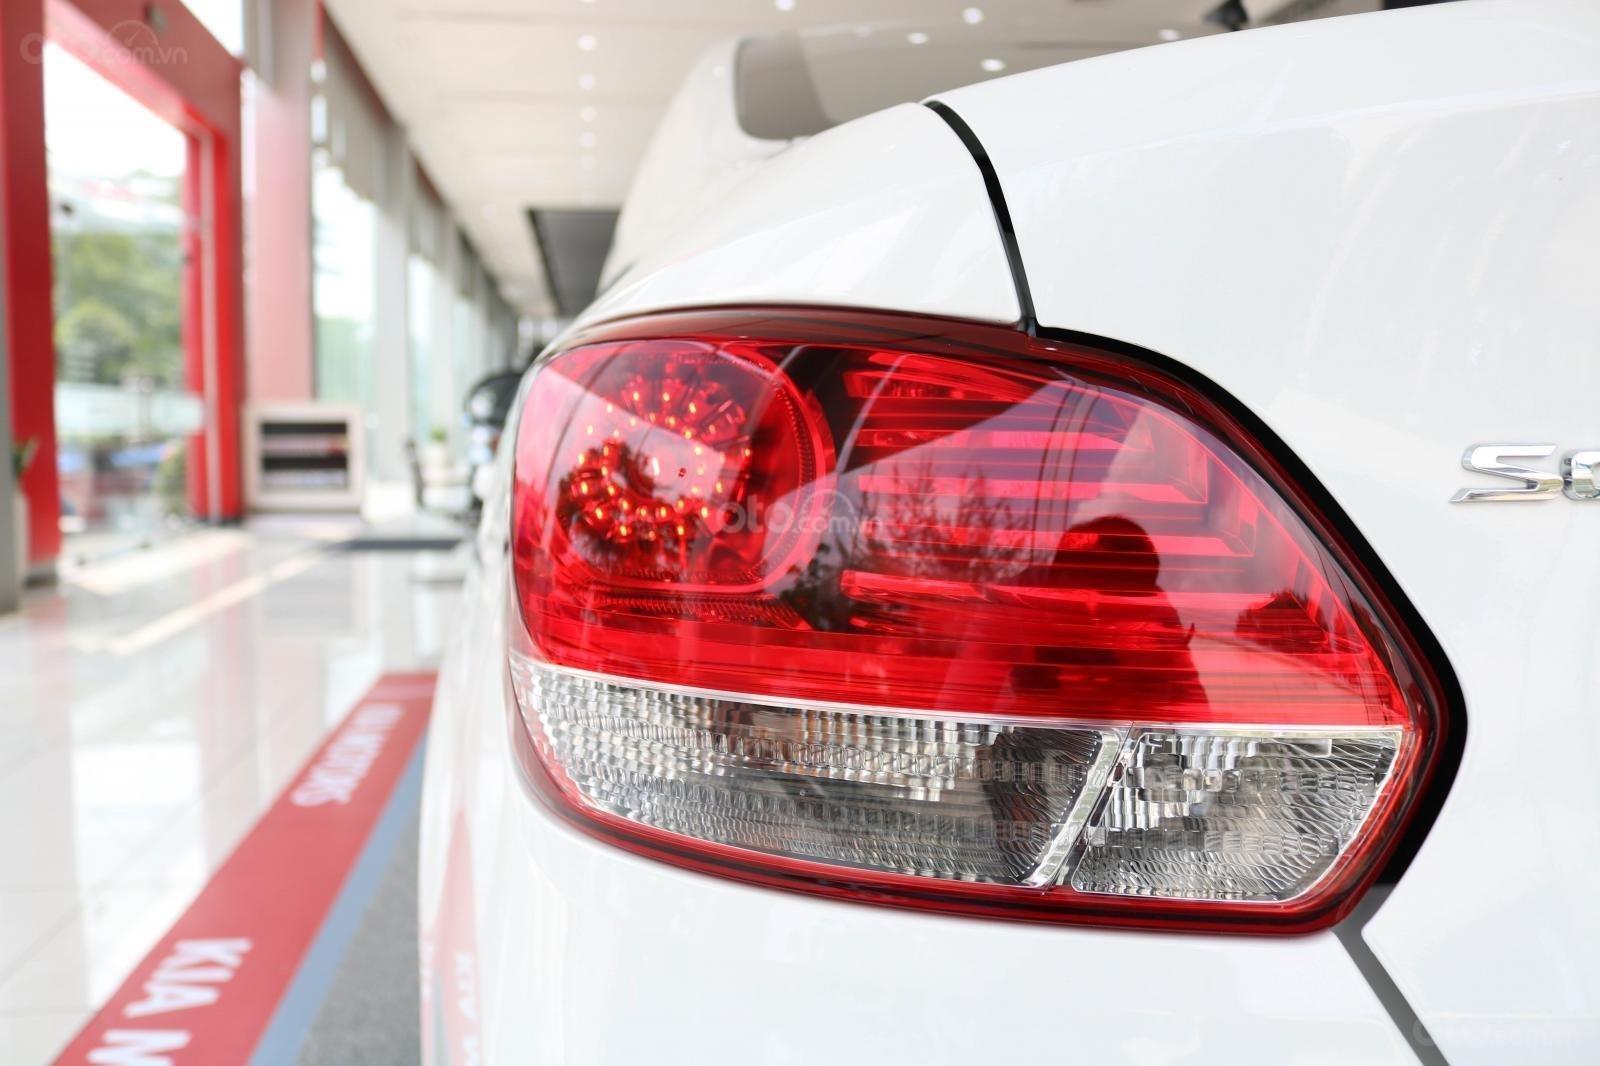 Kia Soluto 2019 số sàn - Có xe giao liền - Đủ màu, tặng phụ kiện + tặng bảo hiểm - Đưa trước 145 triệu (8)